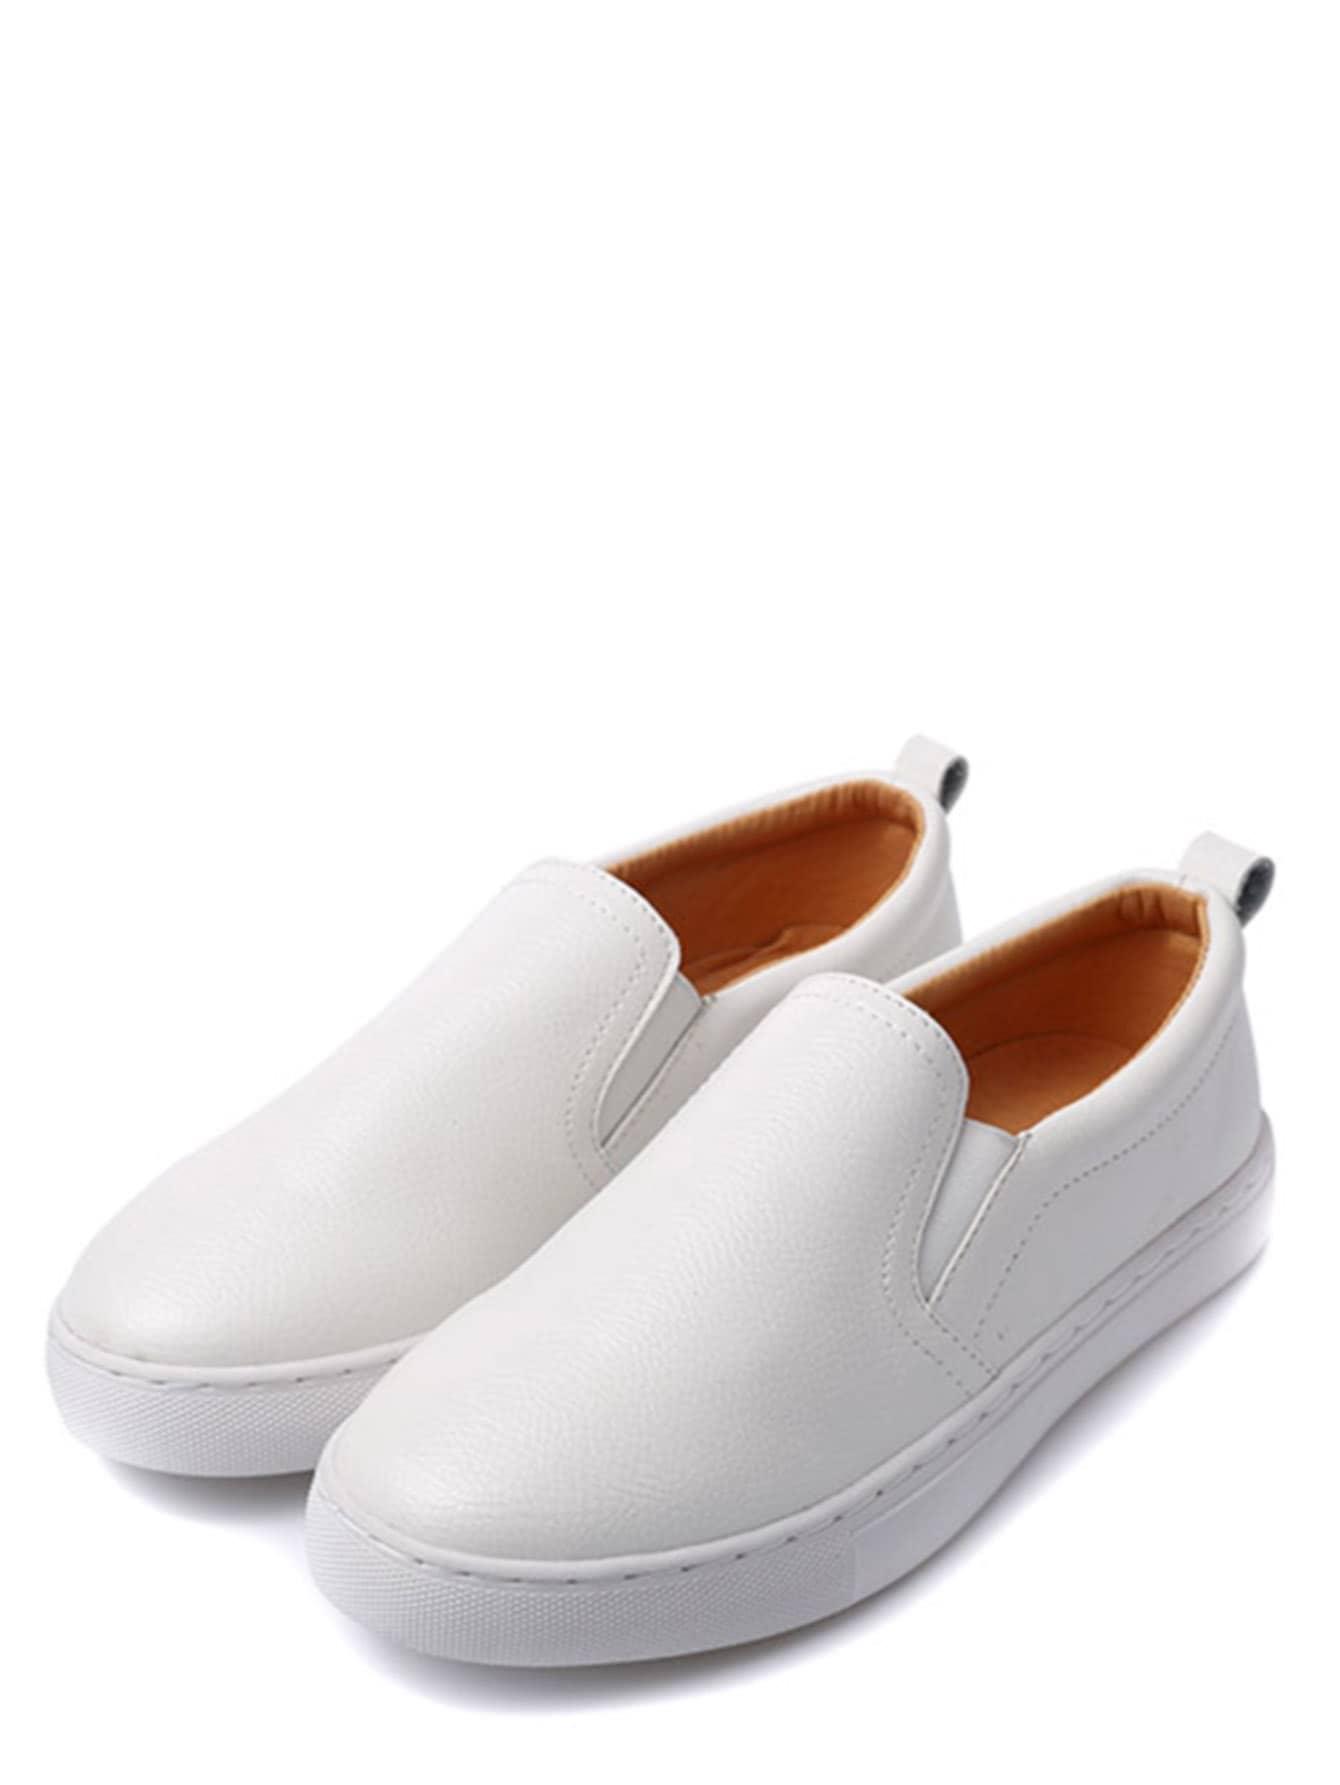 shoes161024812_2